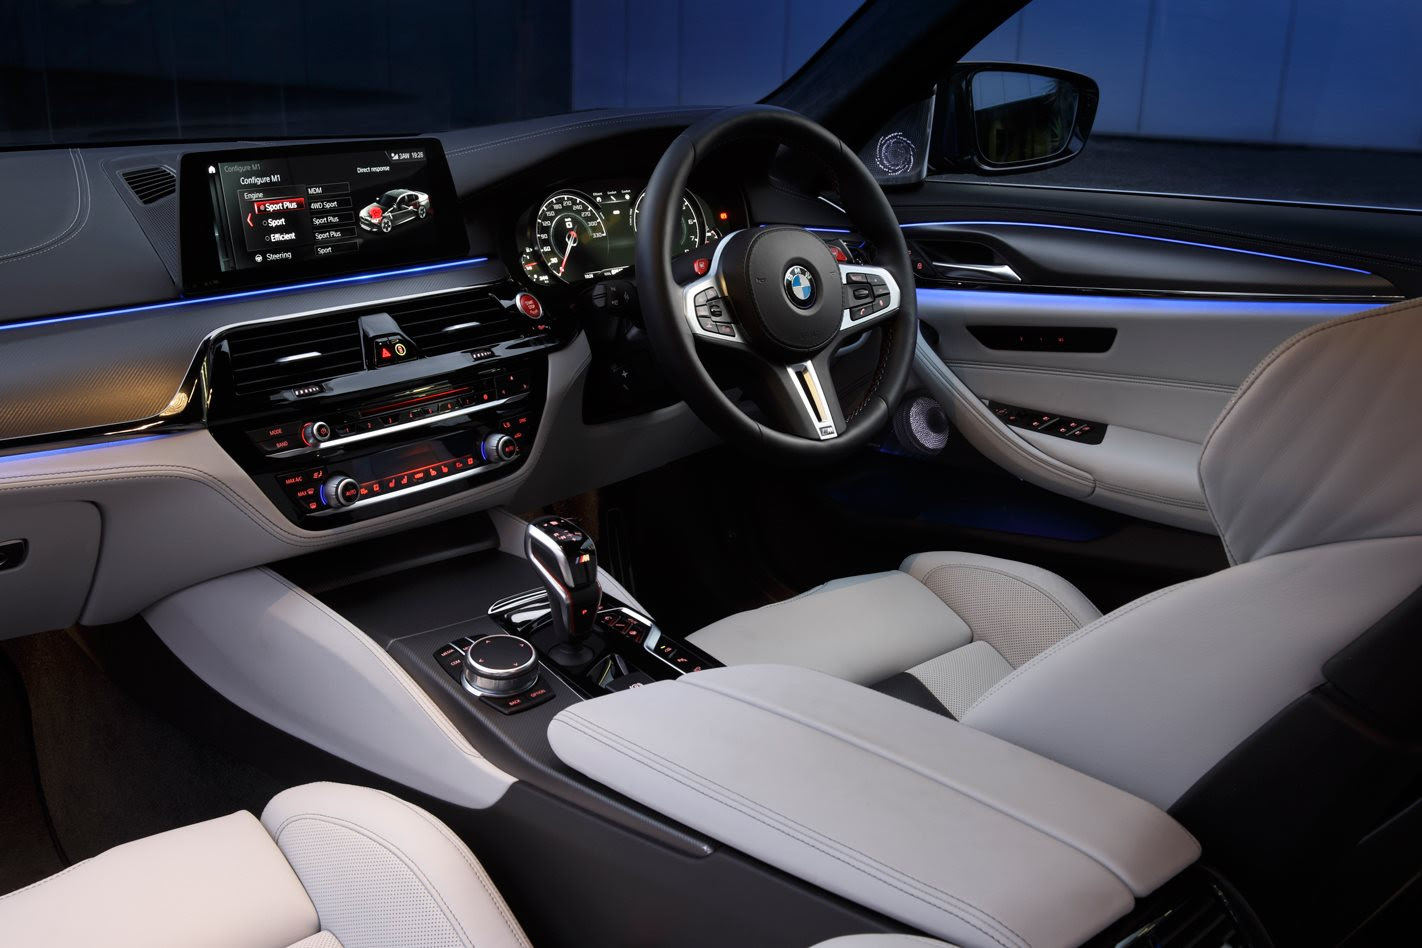 2018 BMW F90 M5